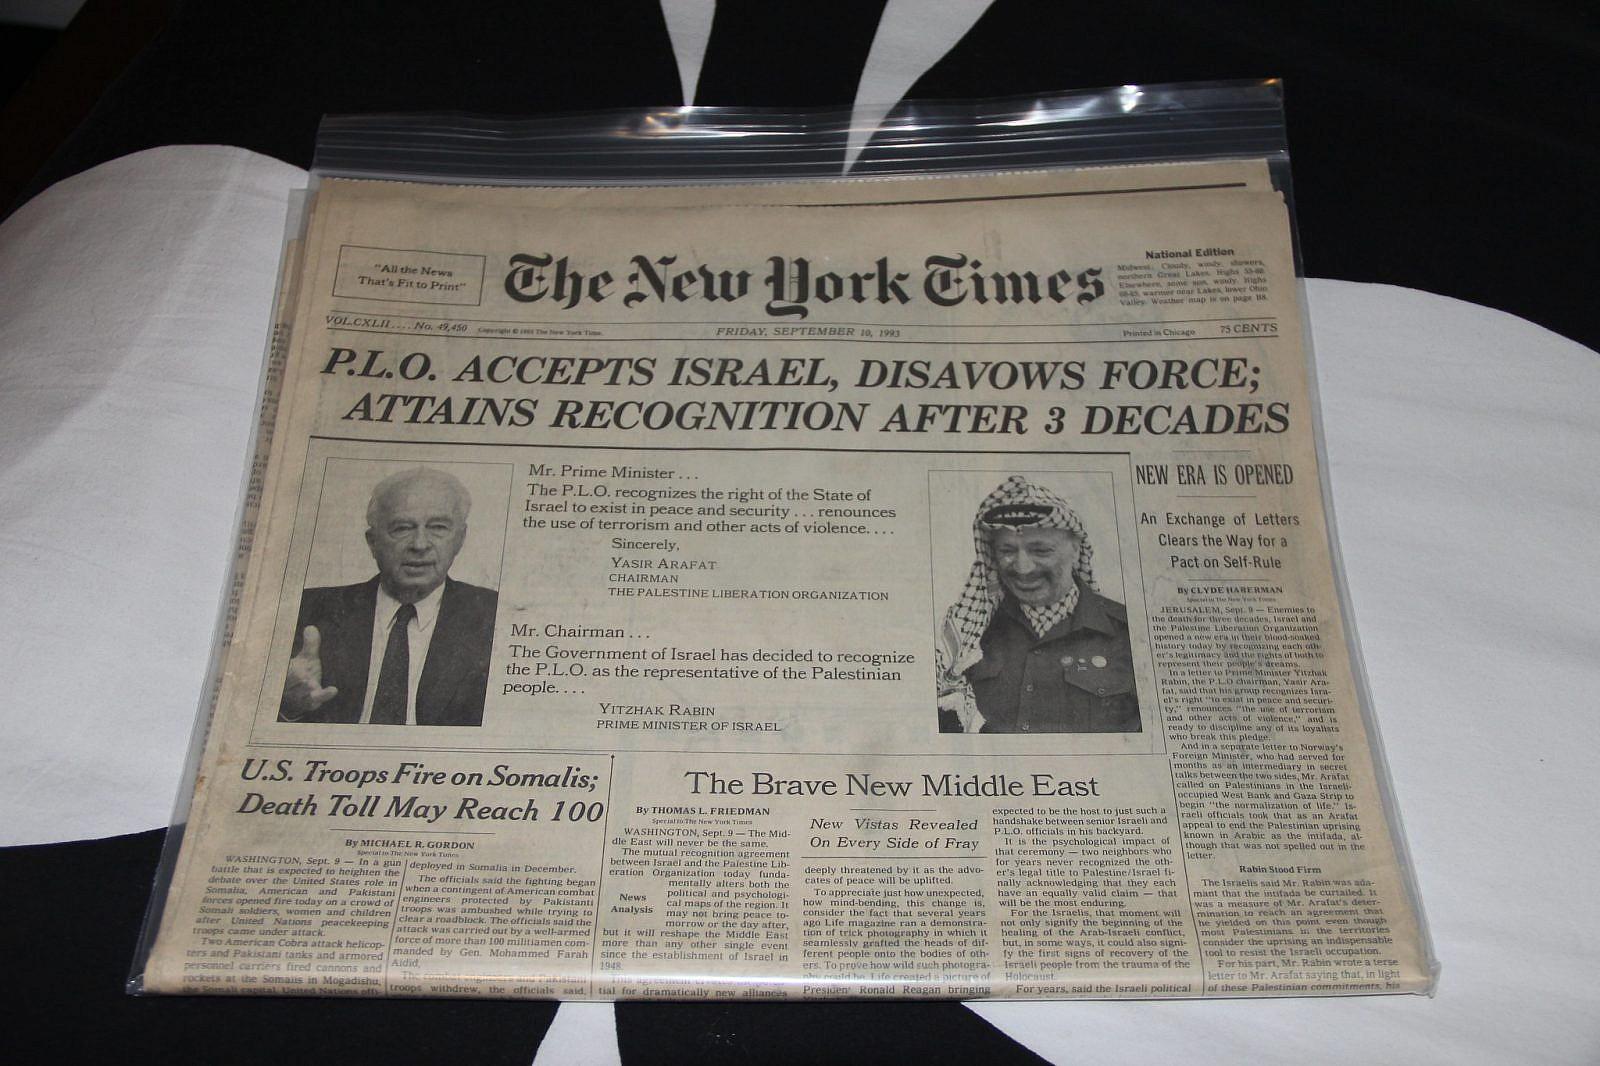 وسائل الإعلام الأمريكية تستبعد الفلسطينيين ولكنها منشغلة بهم!